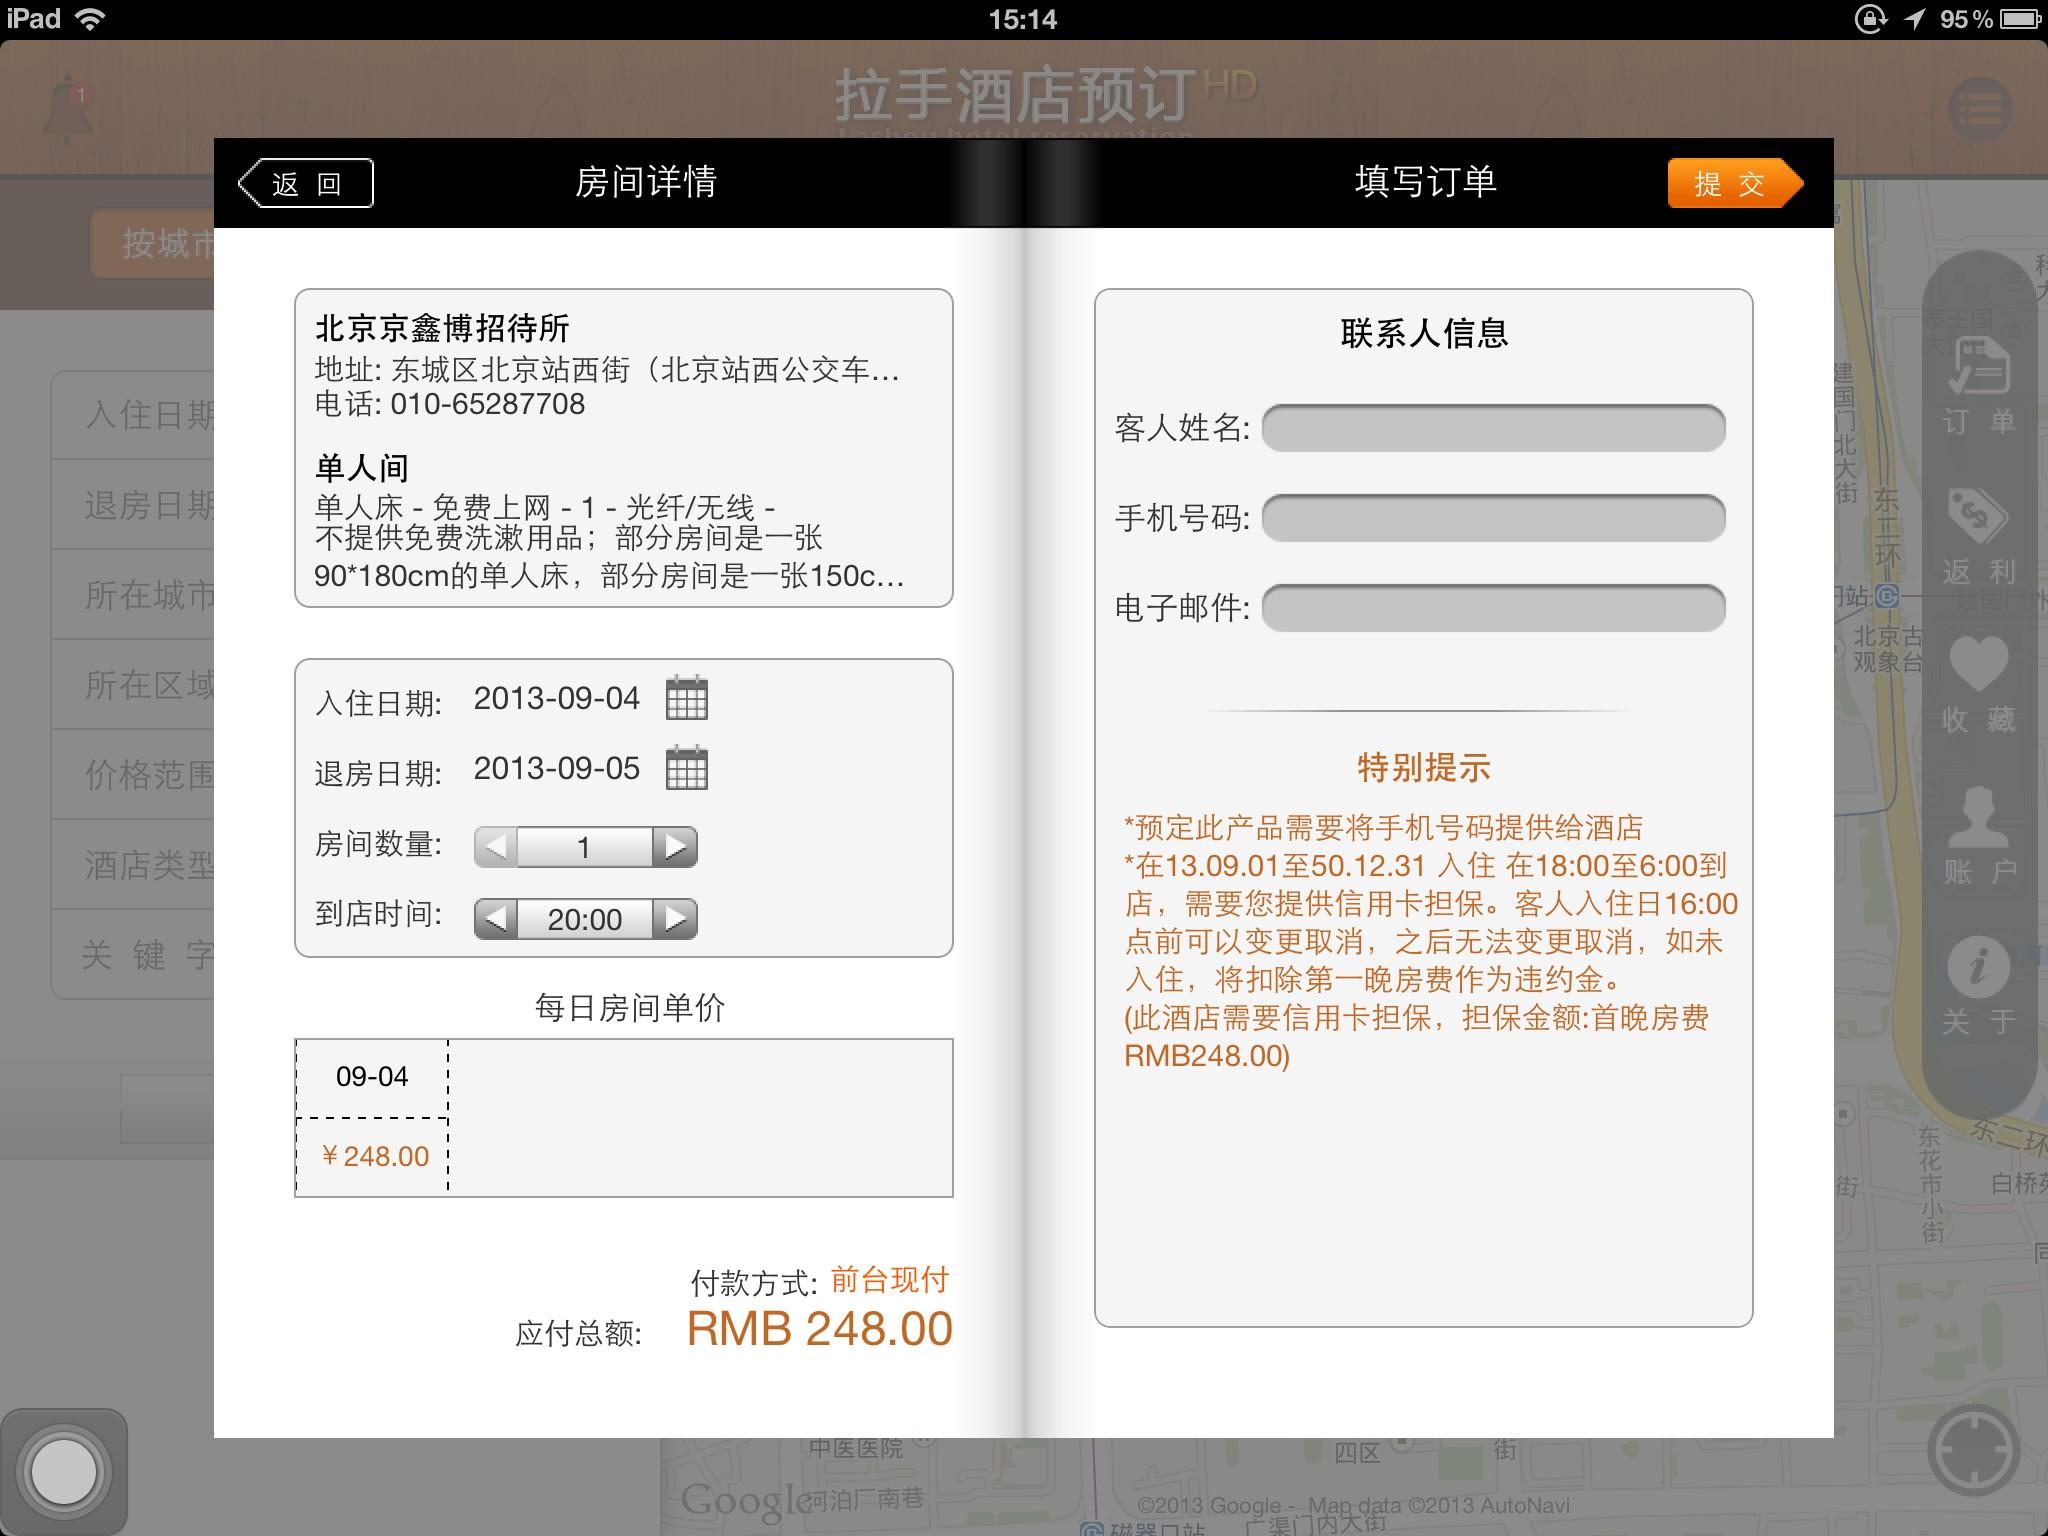 拉手网酒店预订app评测:订酒店返利8%(组图)